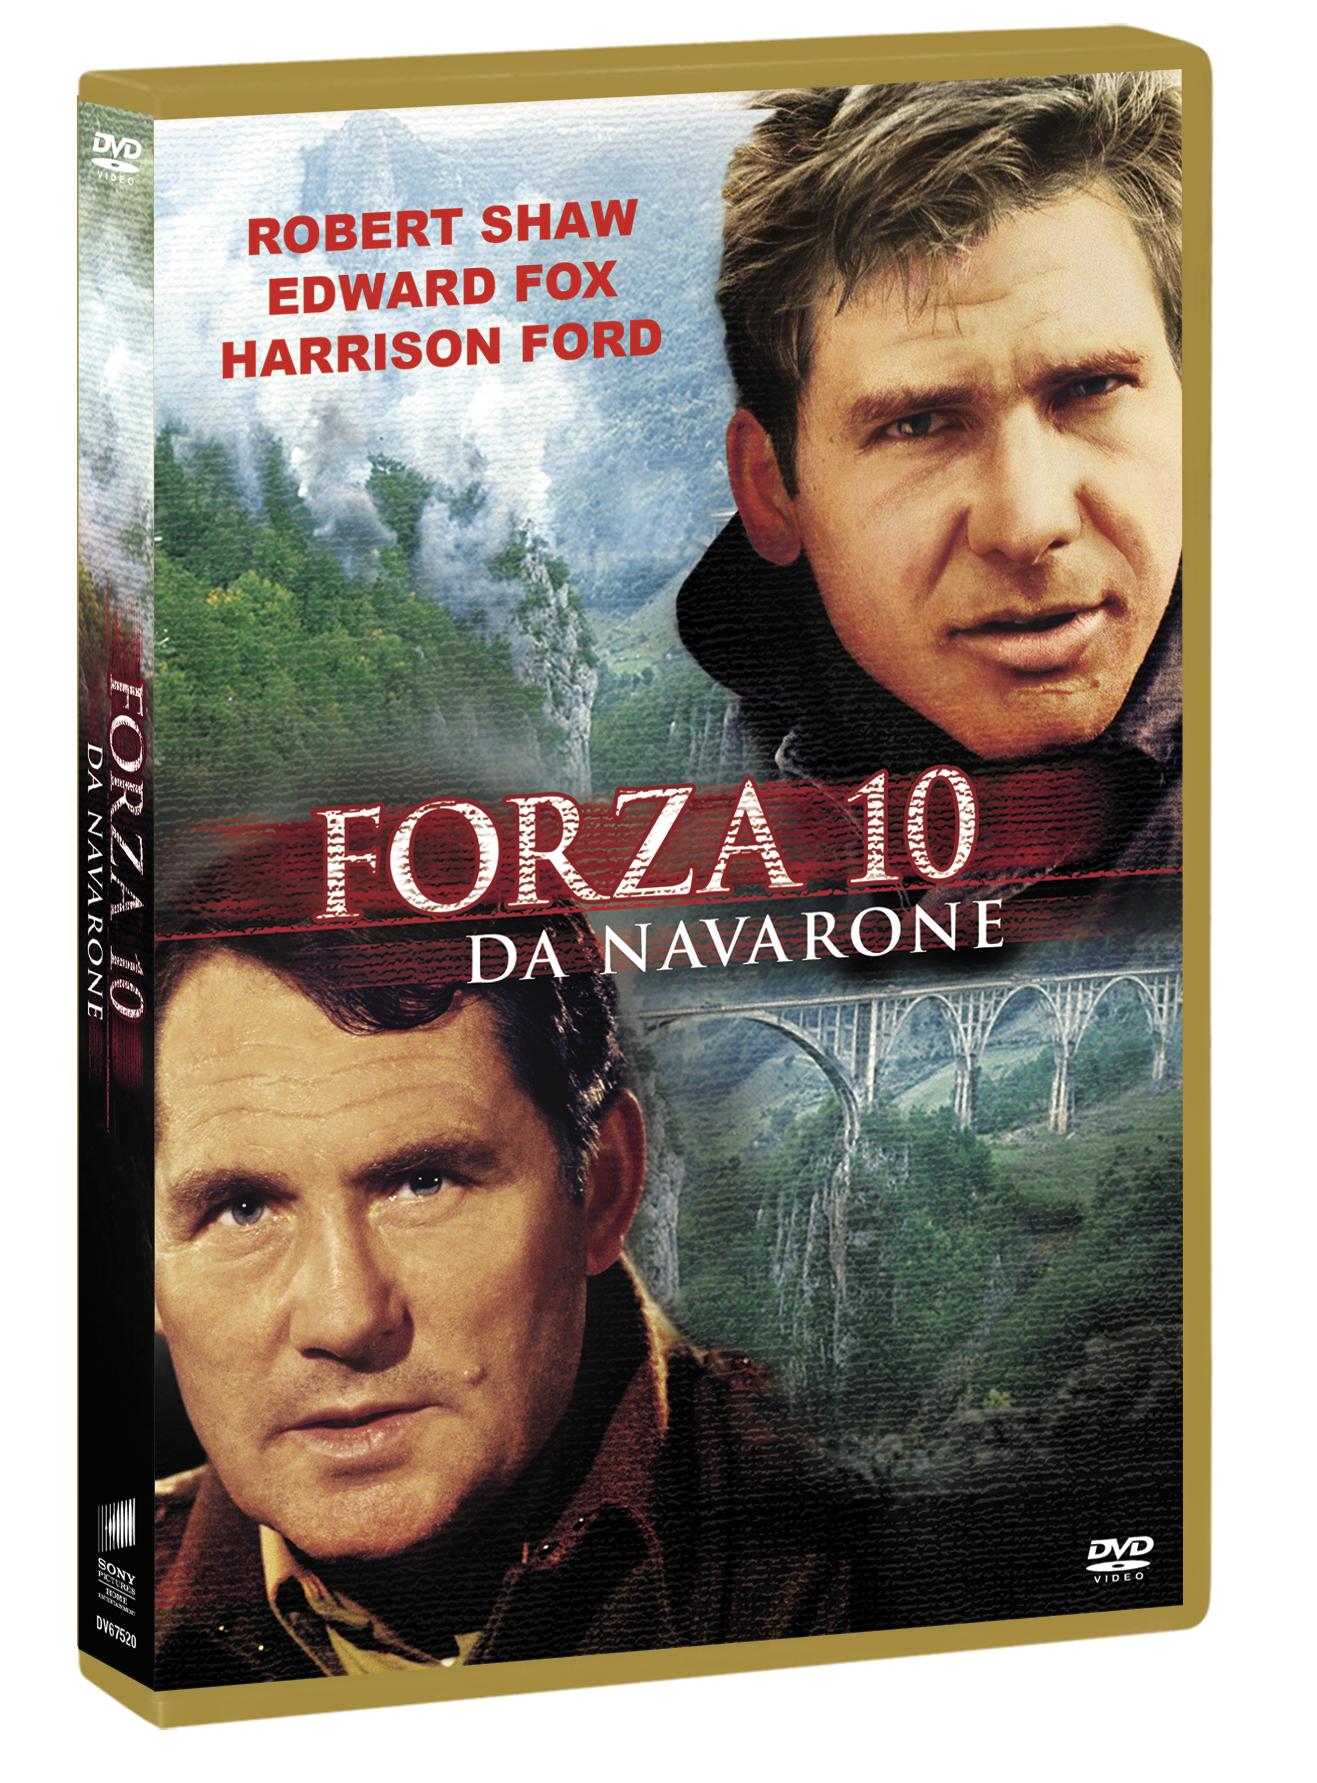 FORZA 10 DA NAVARONE (DVD)